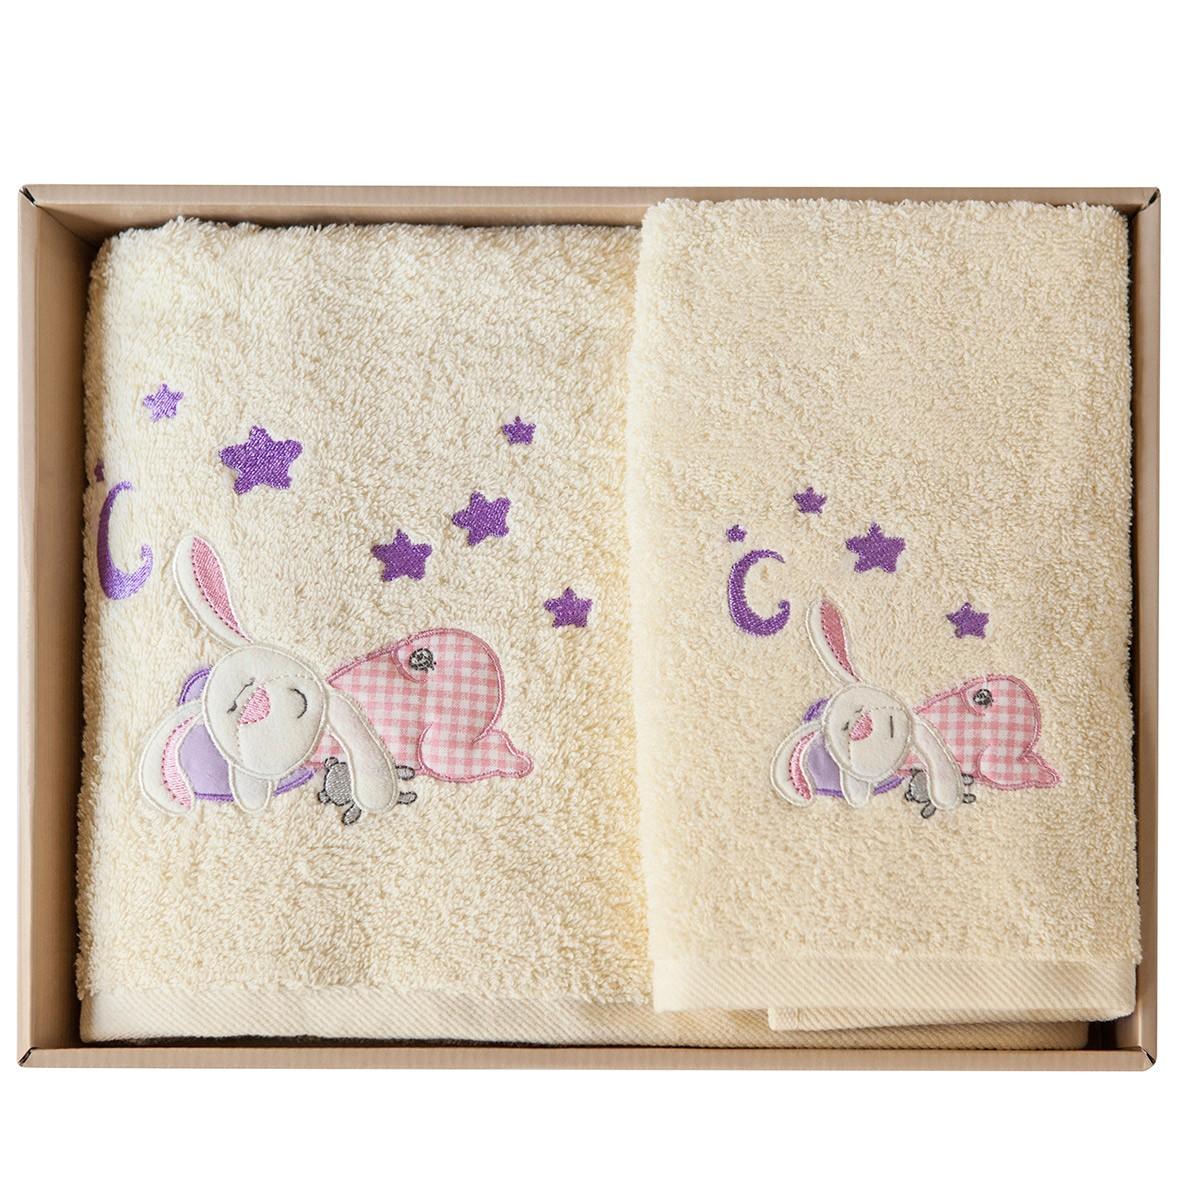 Βρεφικές Πετσέτες (Σετ 2τμχ) Melinen Rabbit Cream X Pink 74408